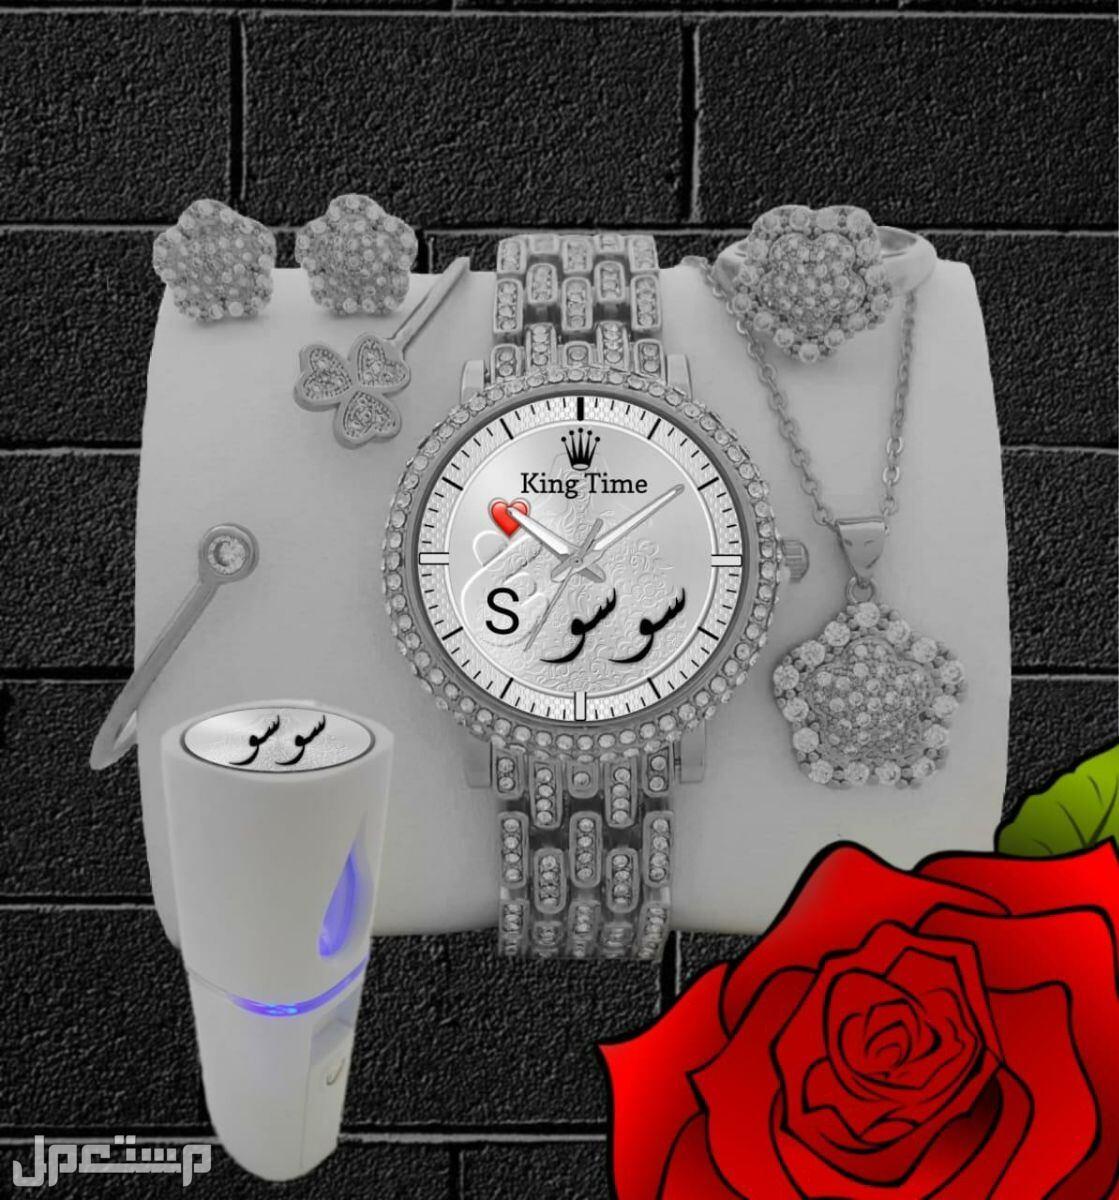 اروع واطلق عروض الهدايا النسائية # اطقم ساعات بالاسم حسب طلبك